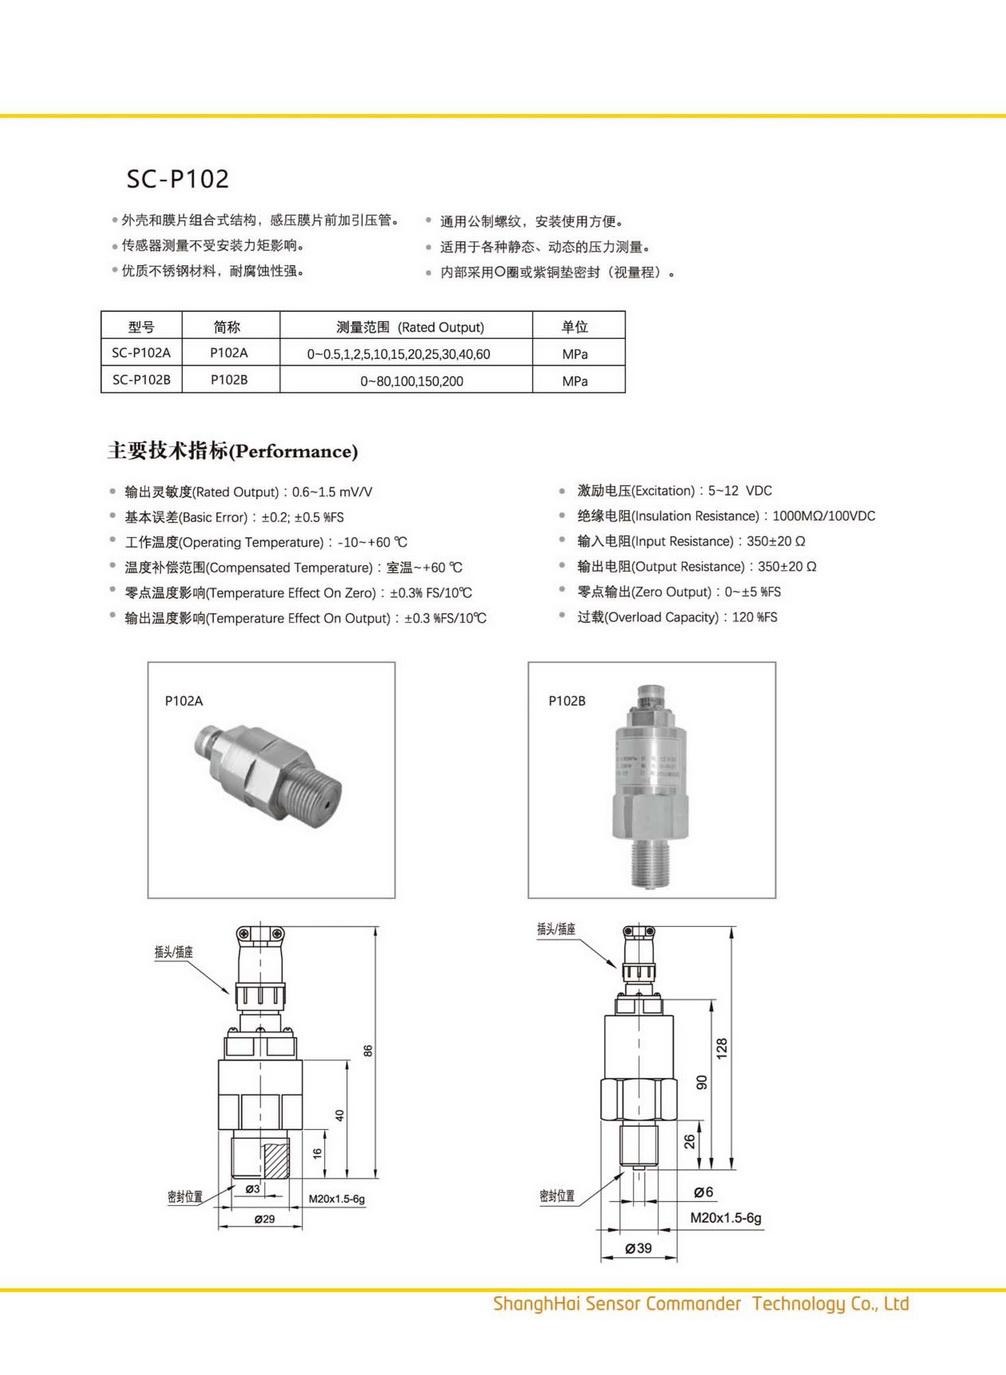 尚测科技产品选型手册 V1.3_页面_30_调整大小.jpg